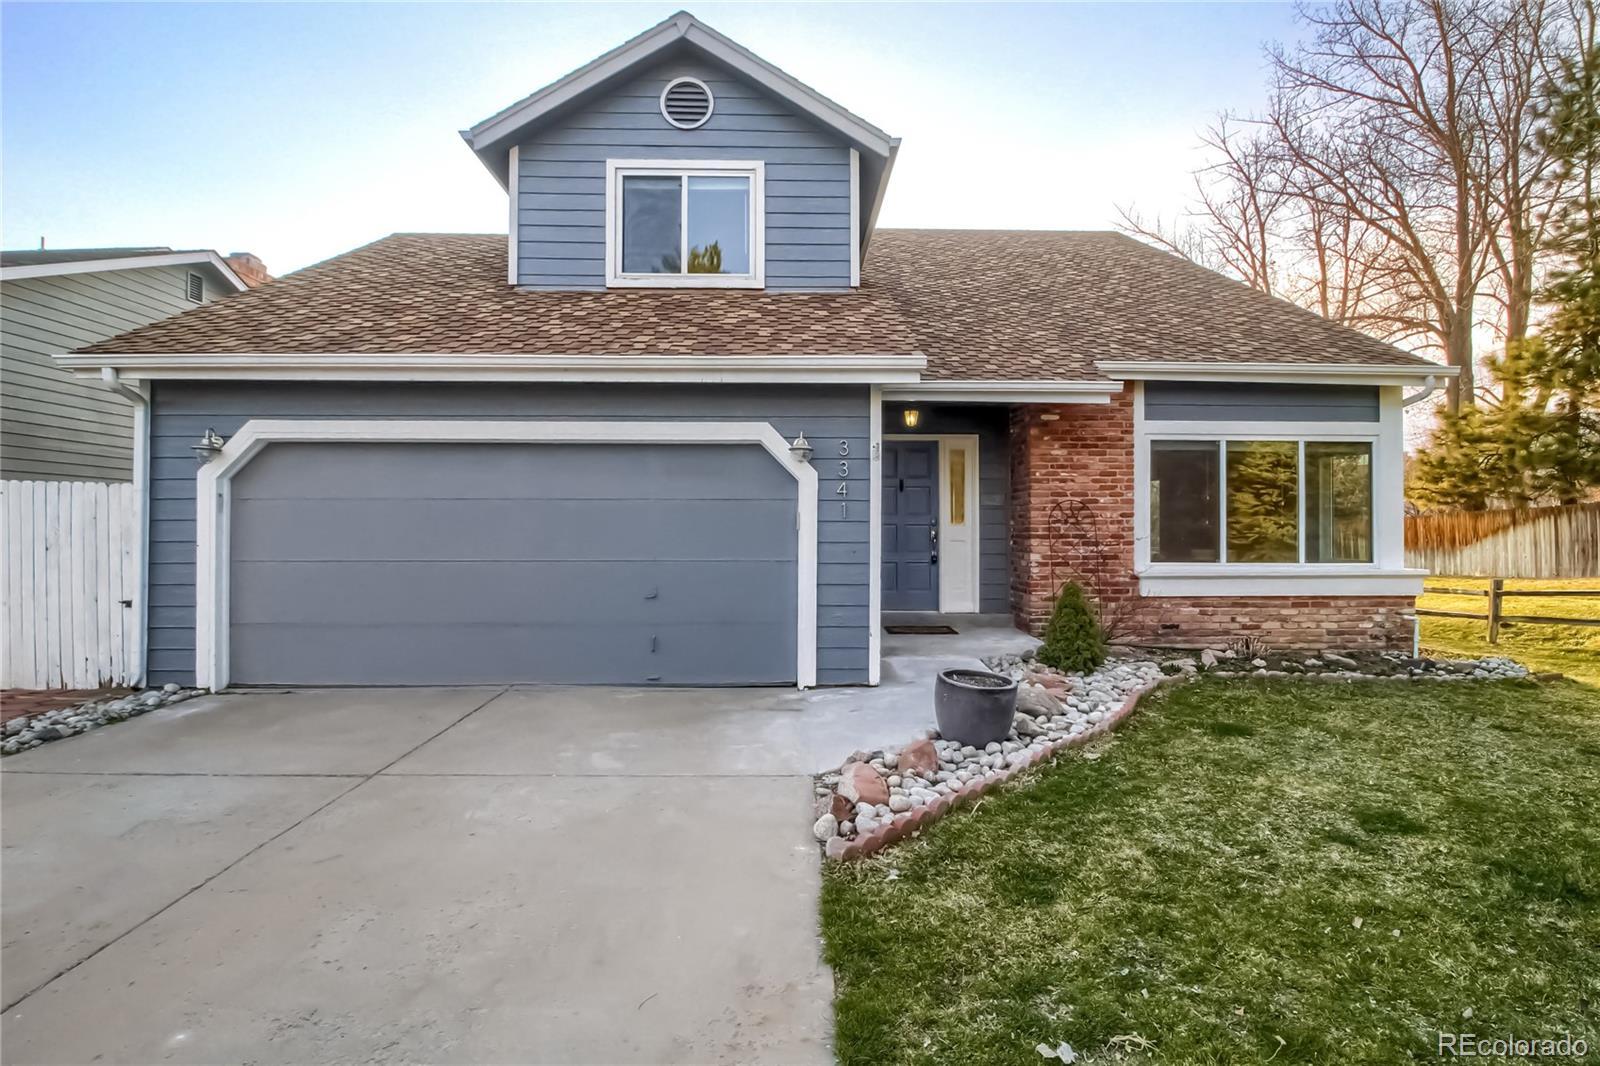 3341 E Euclid Avenue, Centennial, CO 80121 - Centennial, CO real estate listing